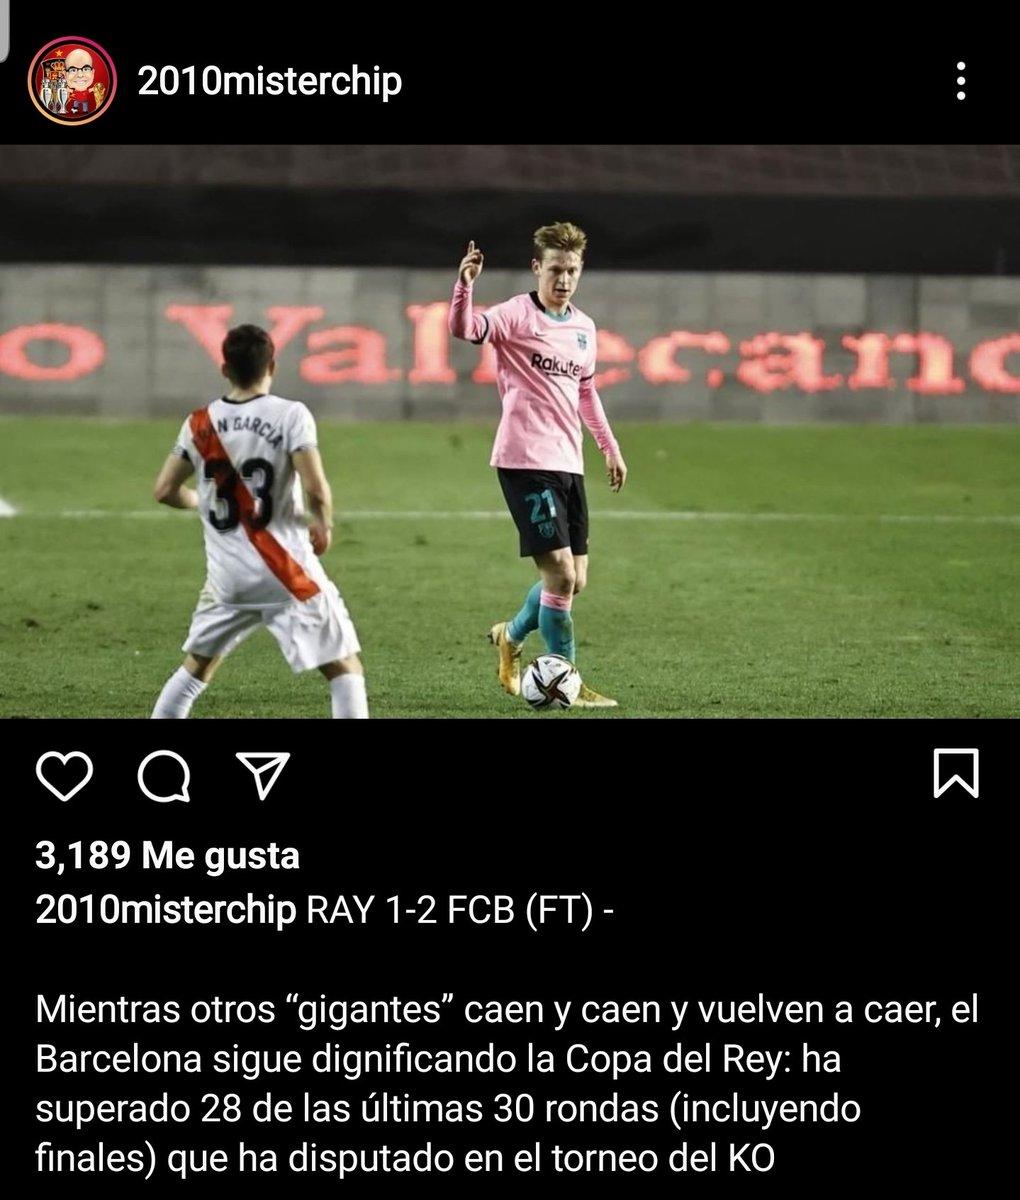 ¿Dignificando? 🤣🤣🤣 Por favor, el #Barcelona está hecho solo para ese torneo!   Le gano al Rayo, no pues que nivel y a la hora buena pierden!🤣🤣  🆚️ #Liverpool  🆚️ #Roma 🆚️ #Juventus 🆚️ #AthleticClub   #HalaMadrid